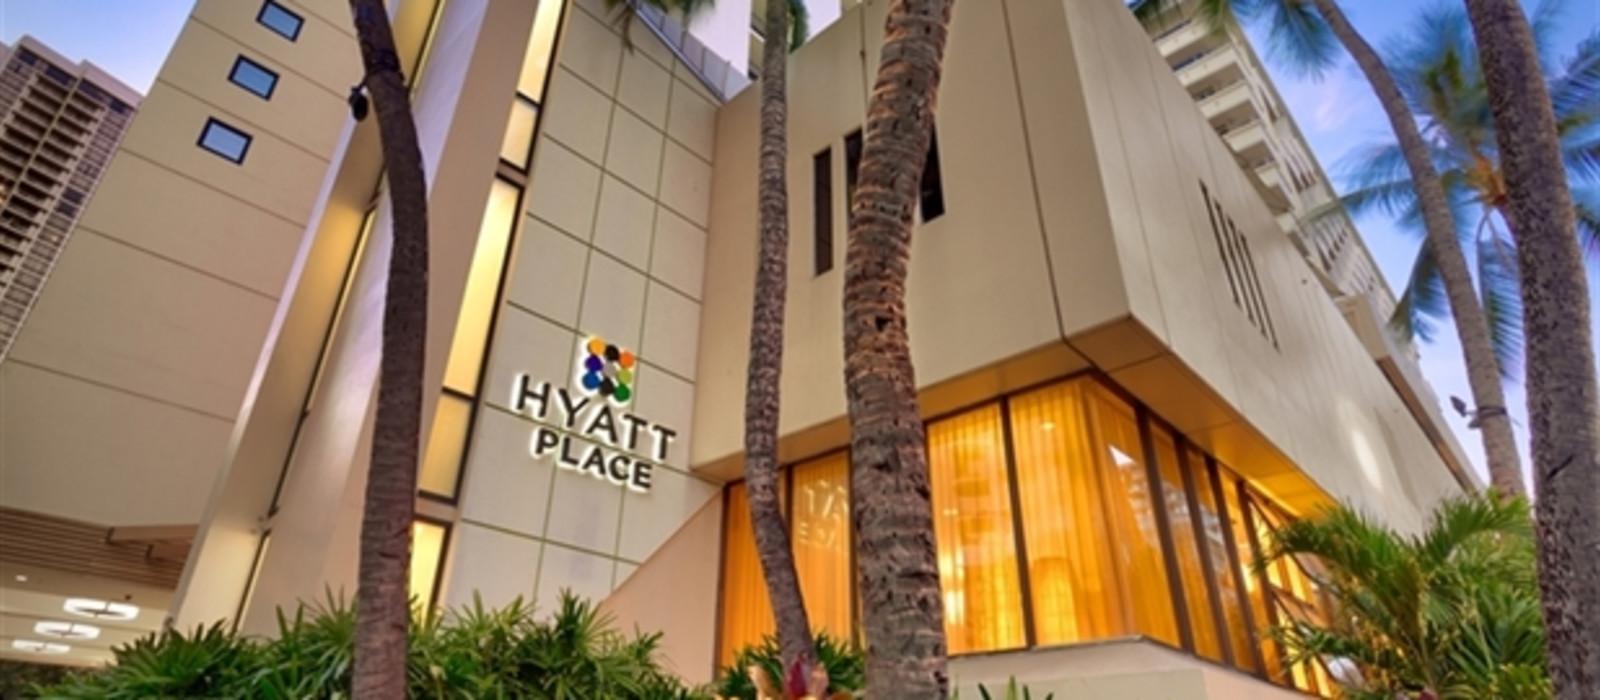 Hotel Hyatt Place Waikiki Hawaii